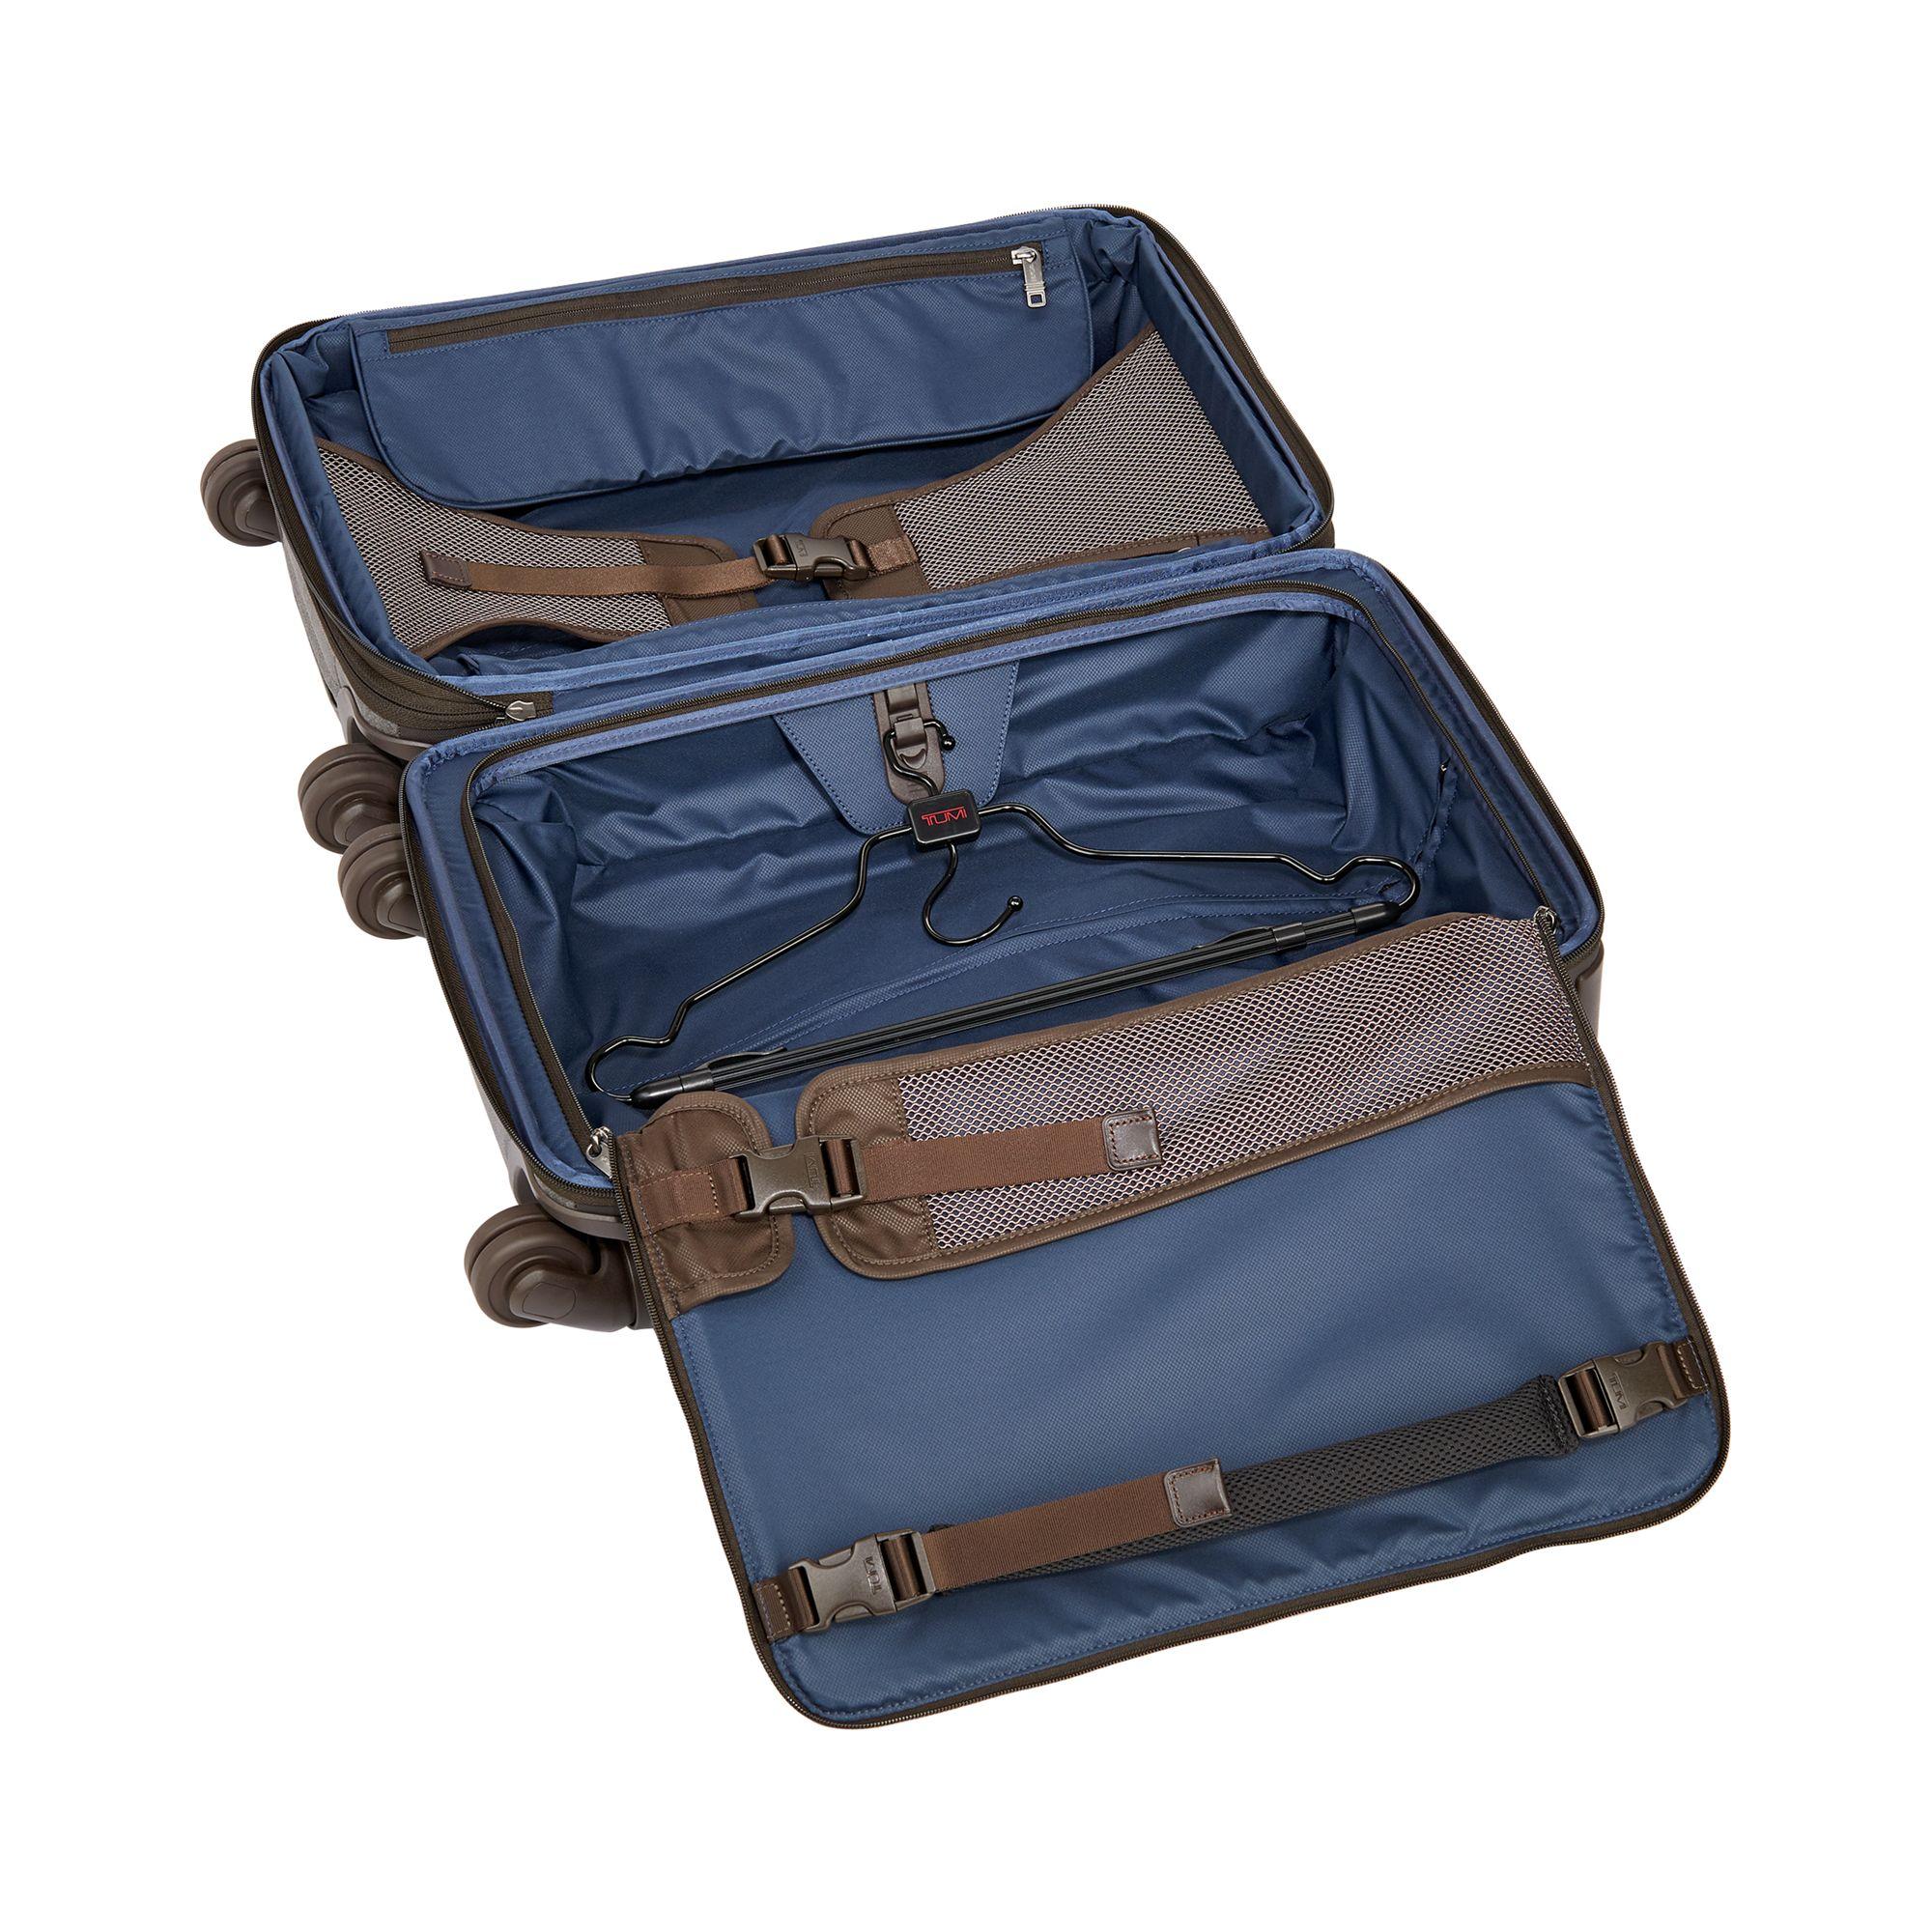 Tumi Alpha 2 International Expandable 4-Wheel Carry-On Luggage on Amazon   Image by Tumi